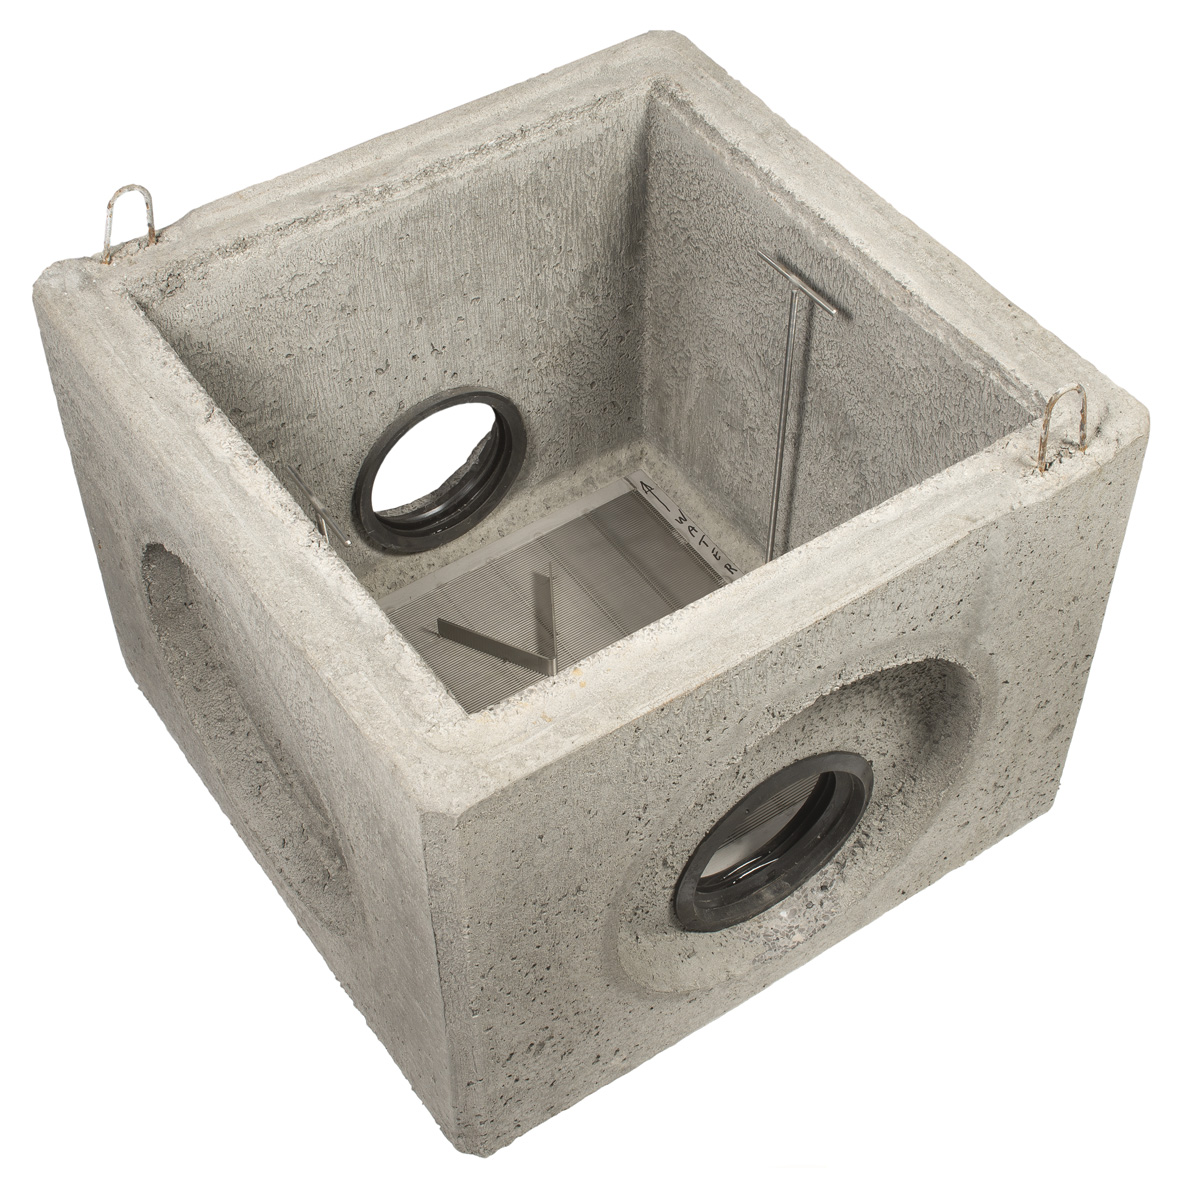 Home Water Filter >> De voordelen van de XL-filter - DevaPlus